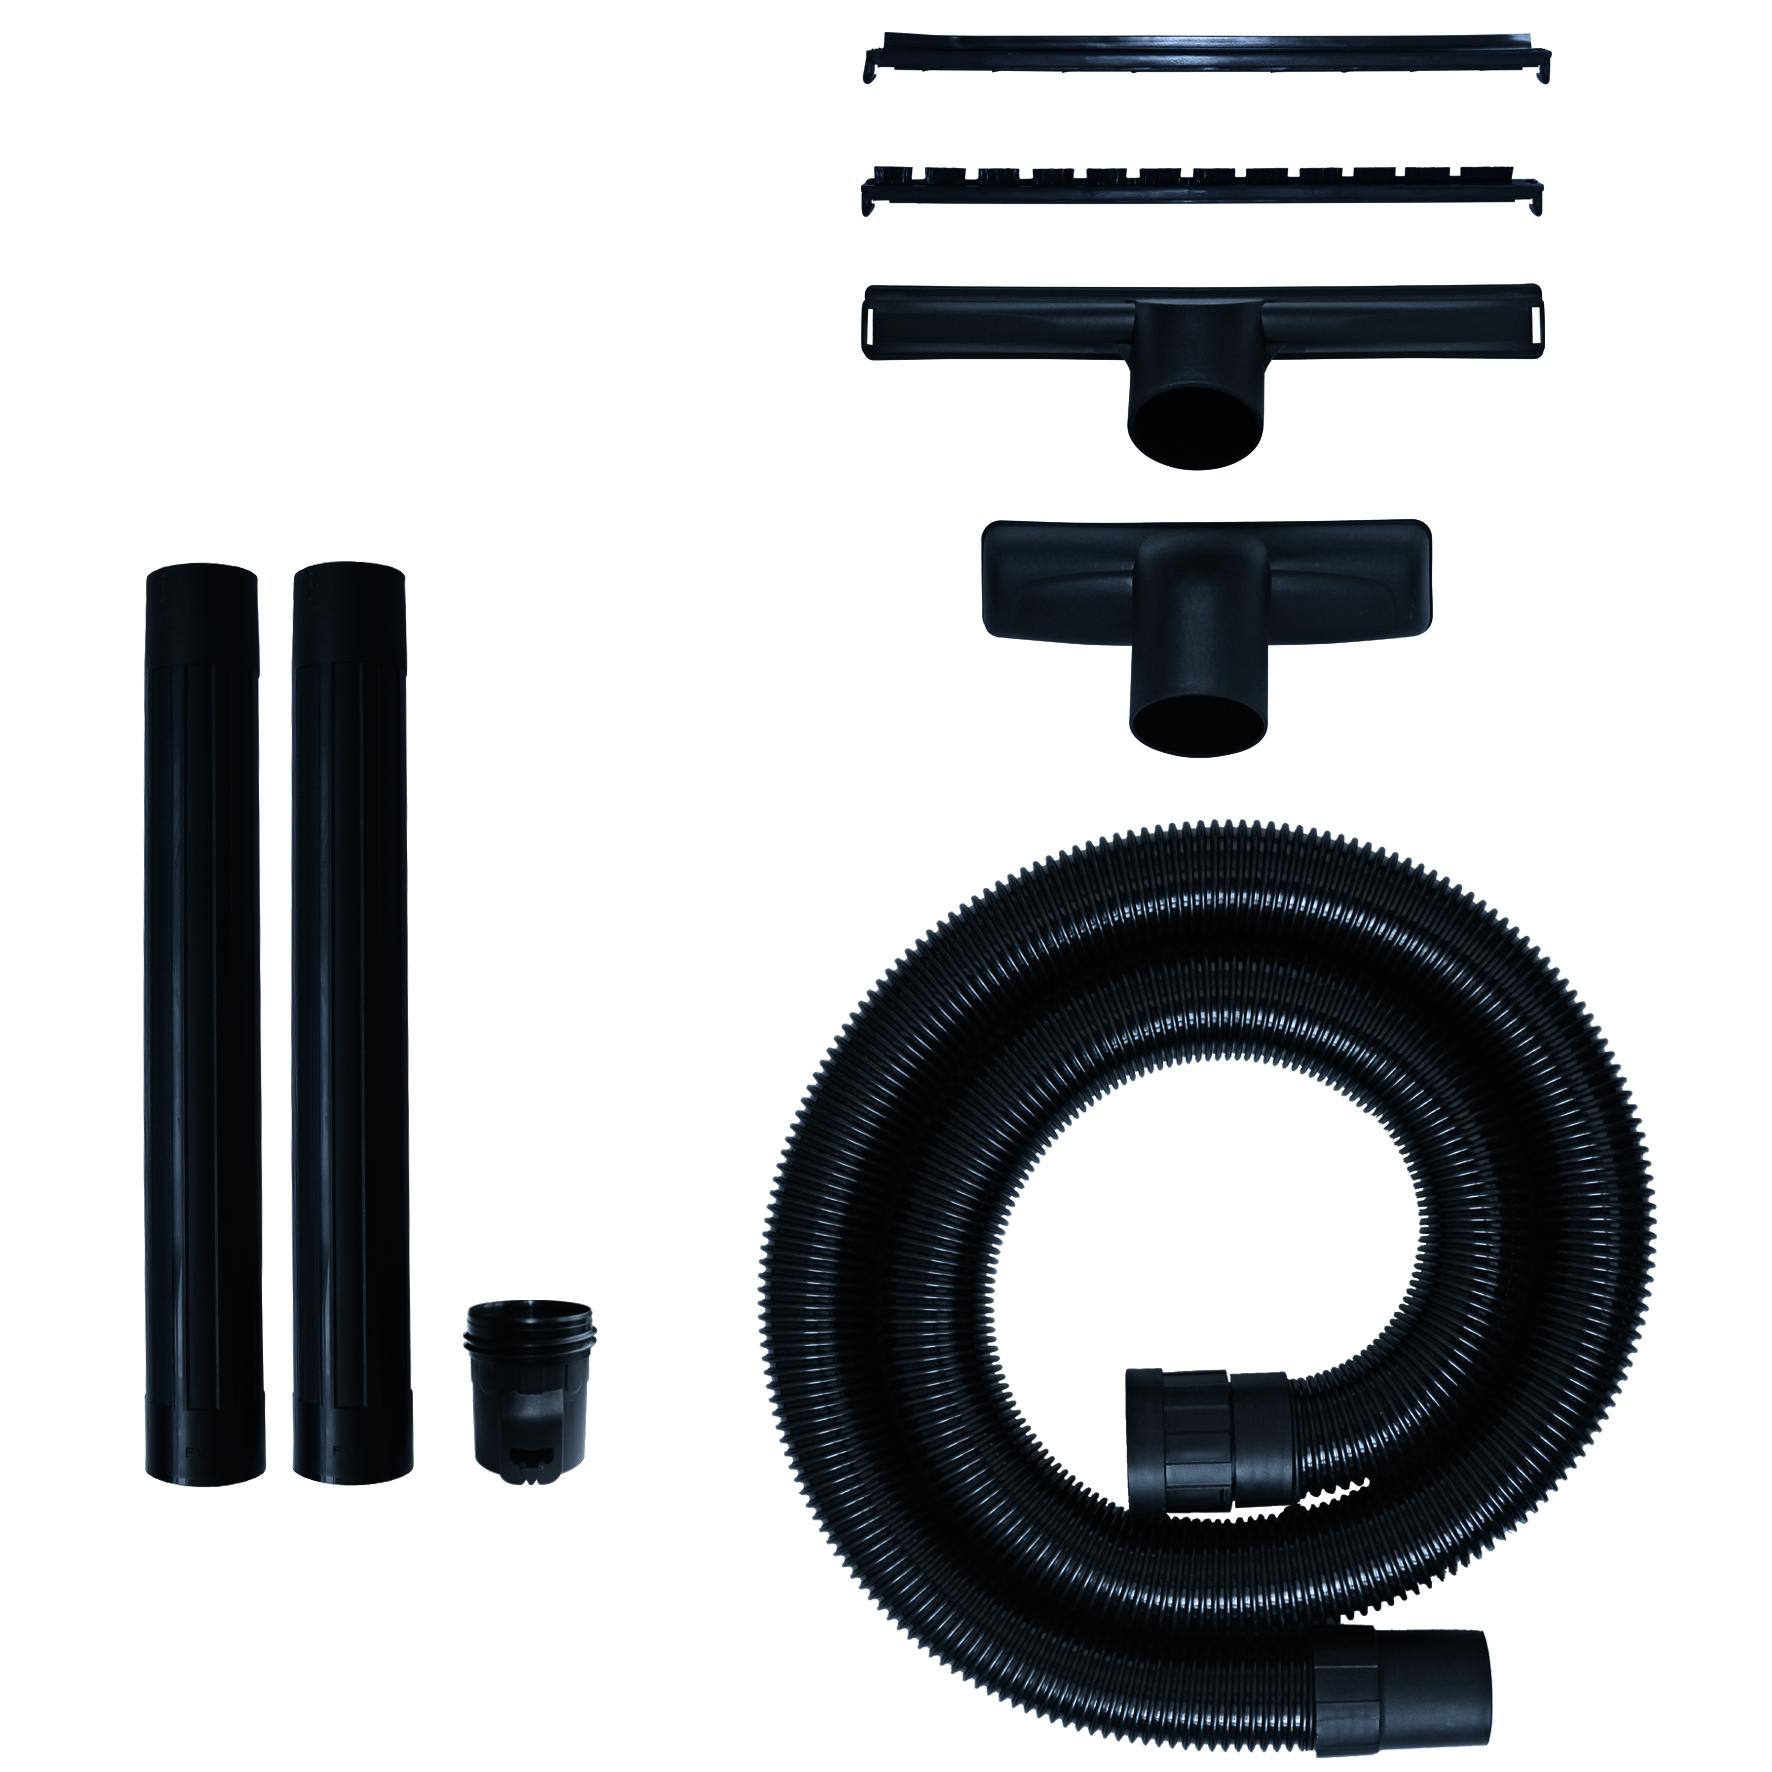 Tilbehørssæt med 5 dele, 64 mm, tilbehør til våd-/tørstøvsug